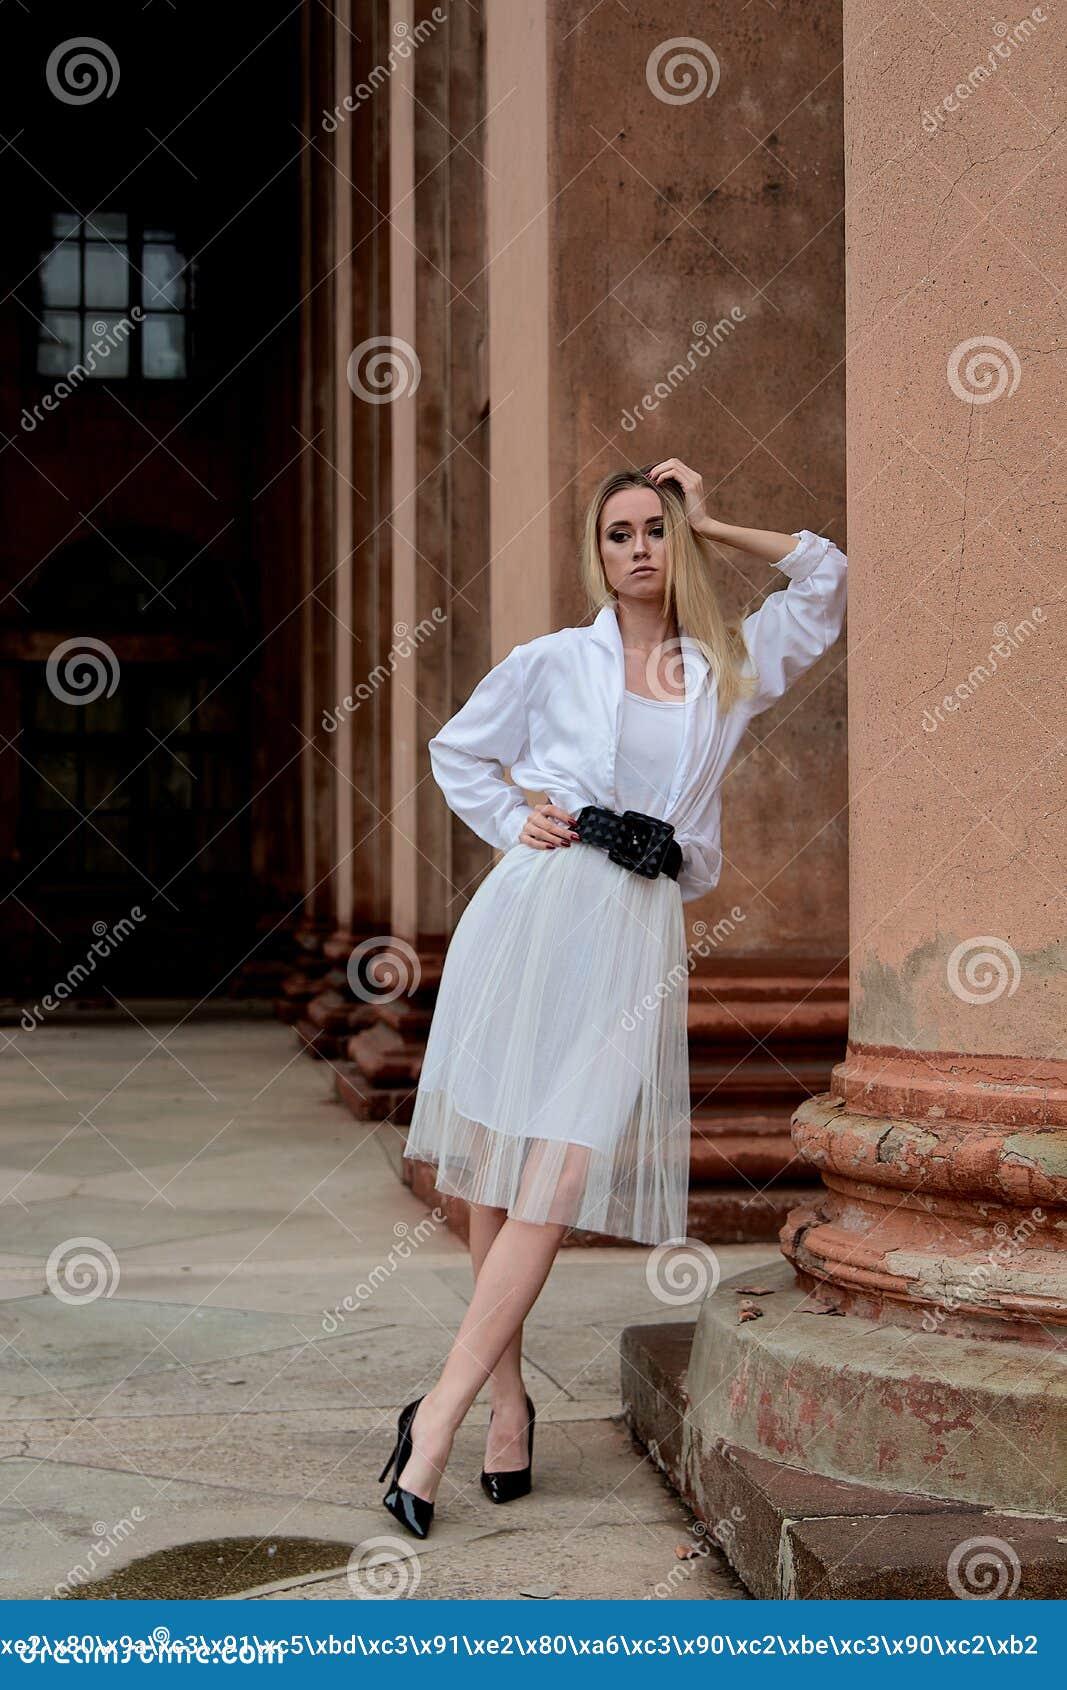 La femme du regard de mode Portrait moderne de jeune femme Jeune femme habillée dans la jupe blanche et la chemise posant près du